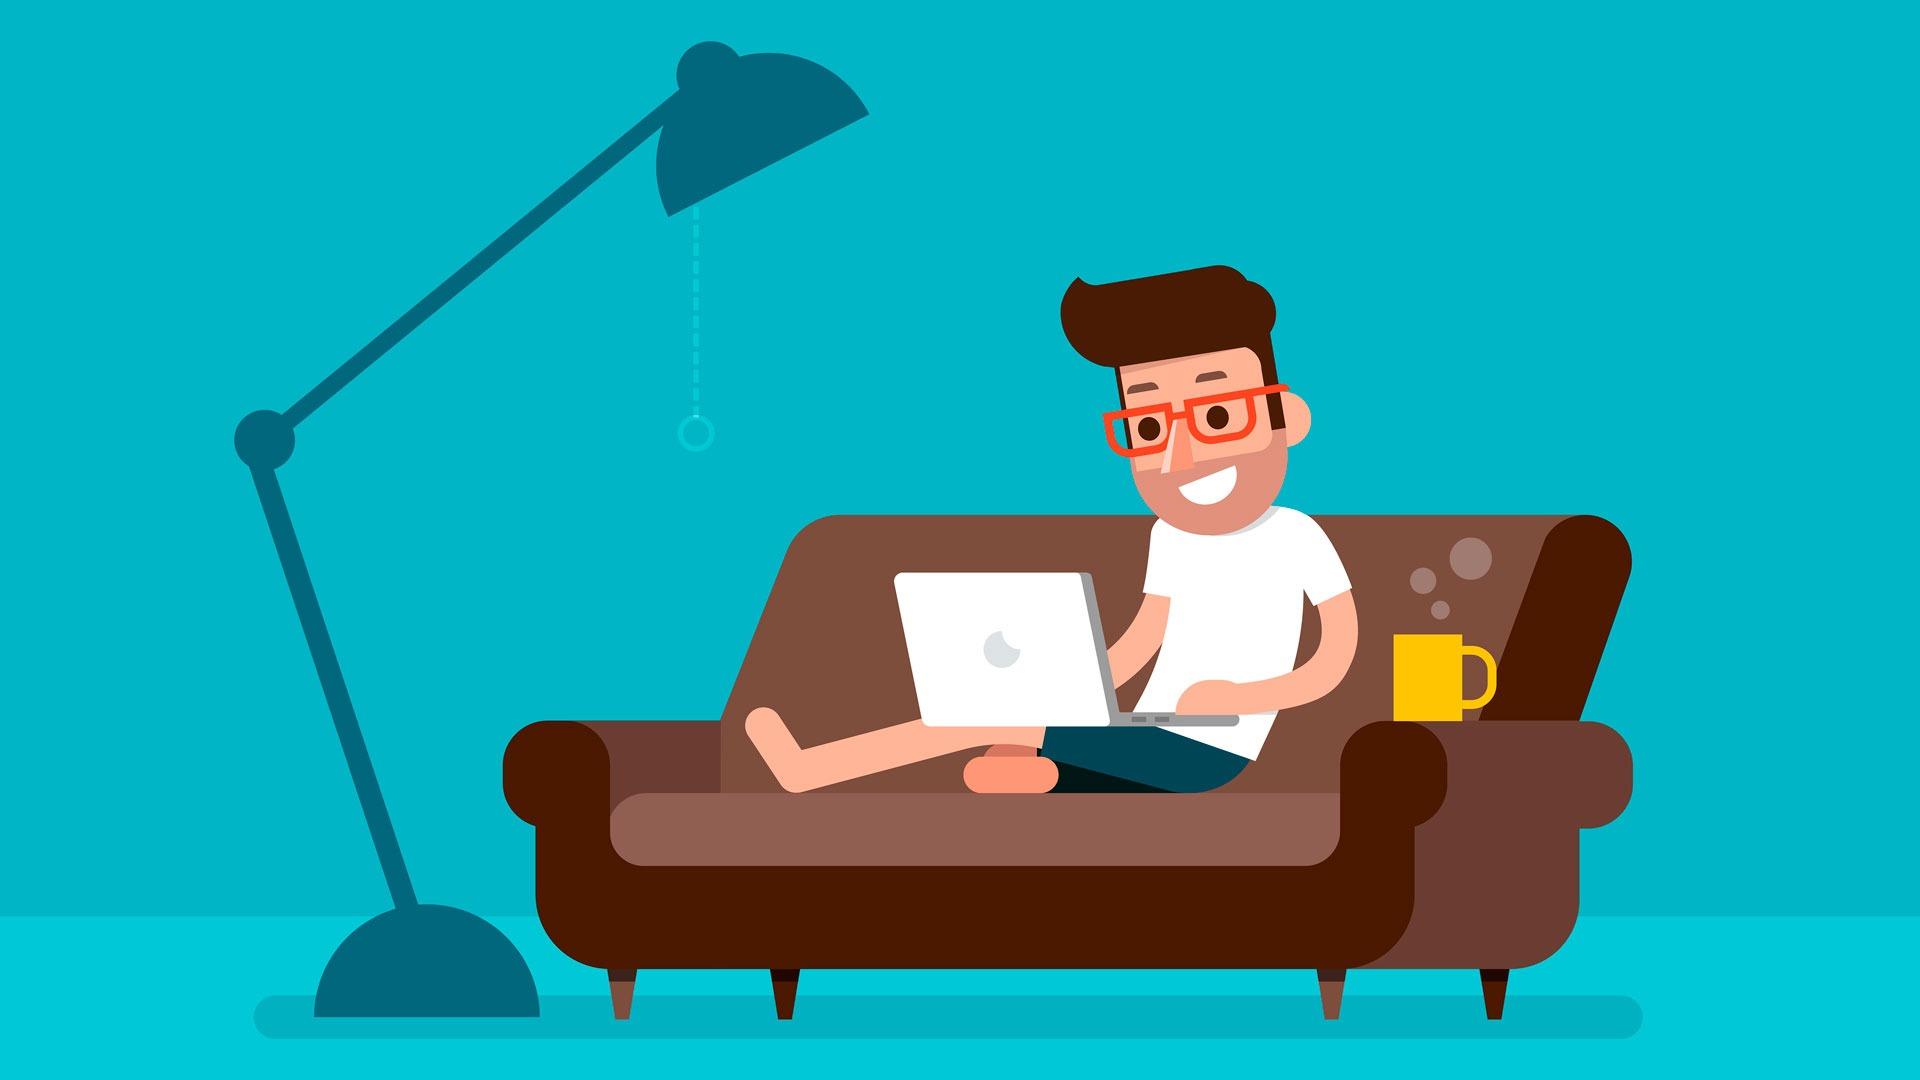 Самоизолируйся и программируй: как не сойти с ума дома и провести время с пользой — IT-МИР. ПОМОЩЬ В IT-МИРЕ 2021